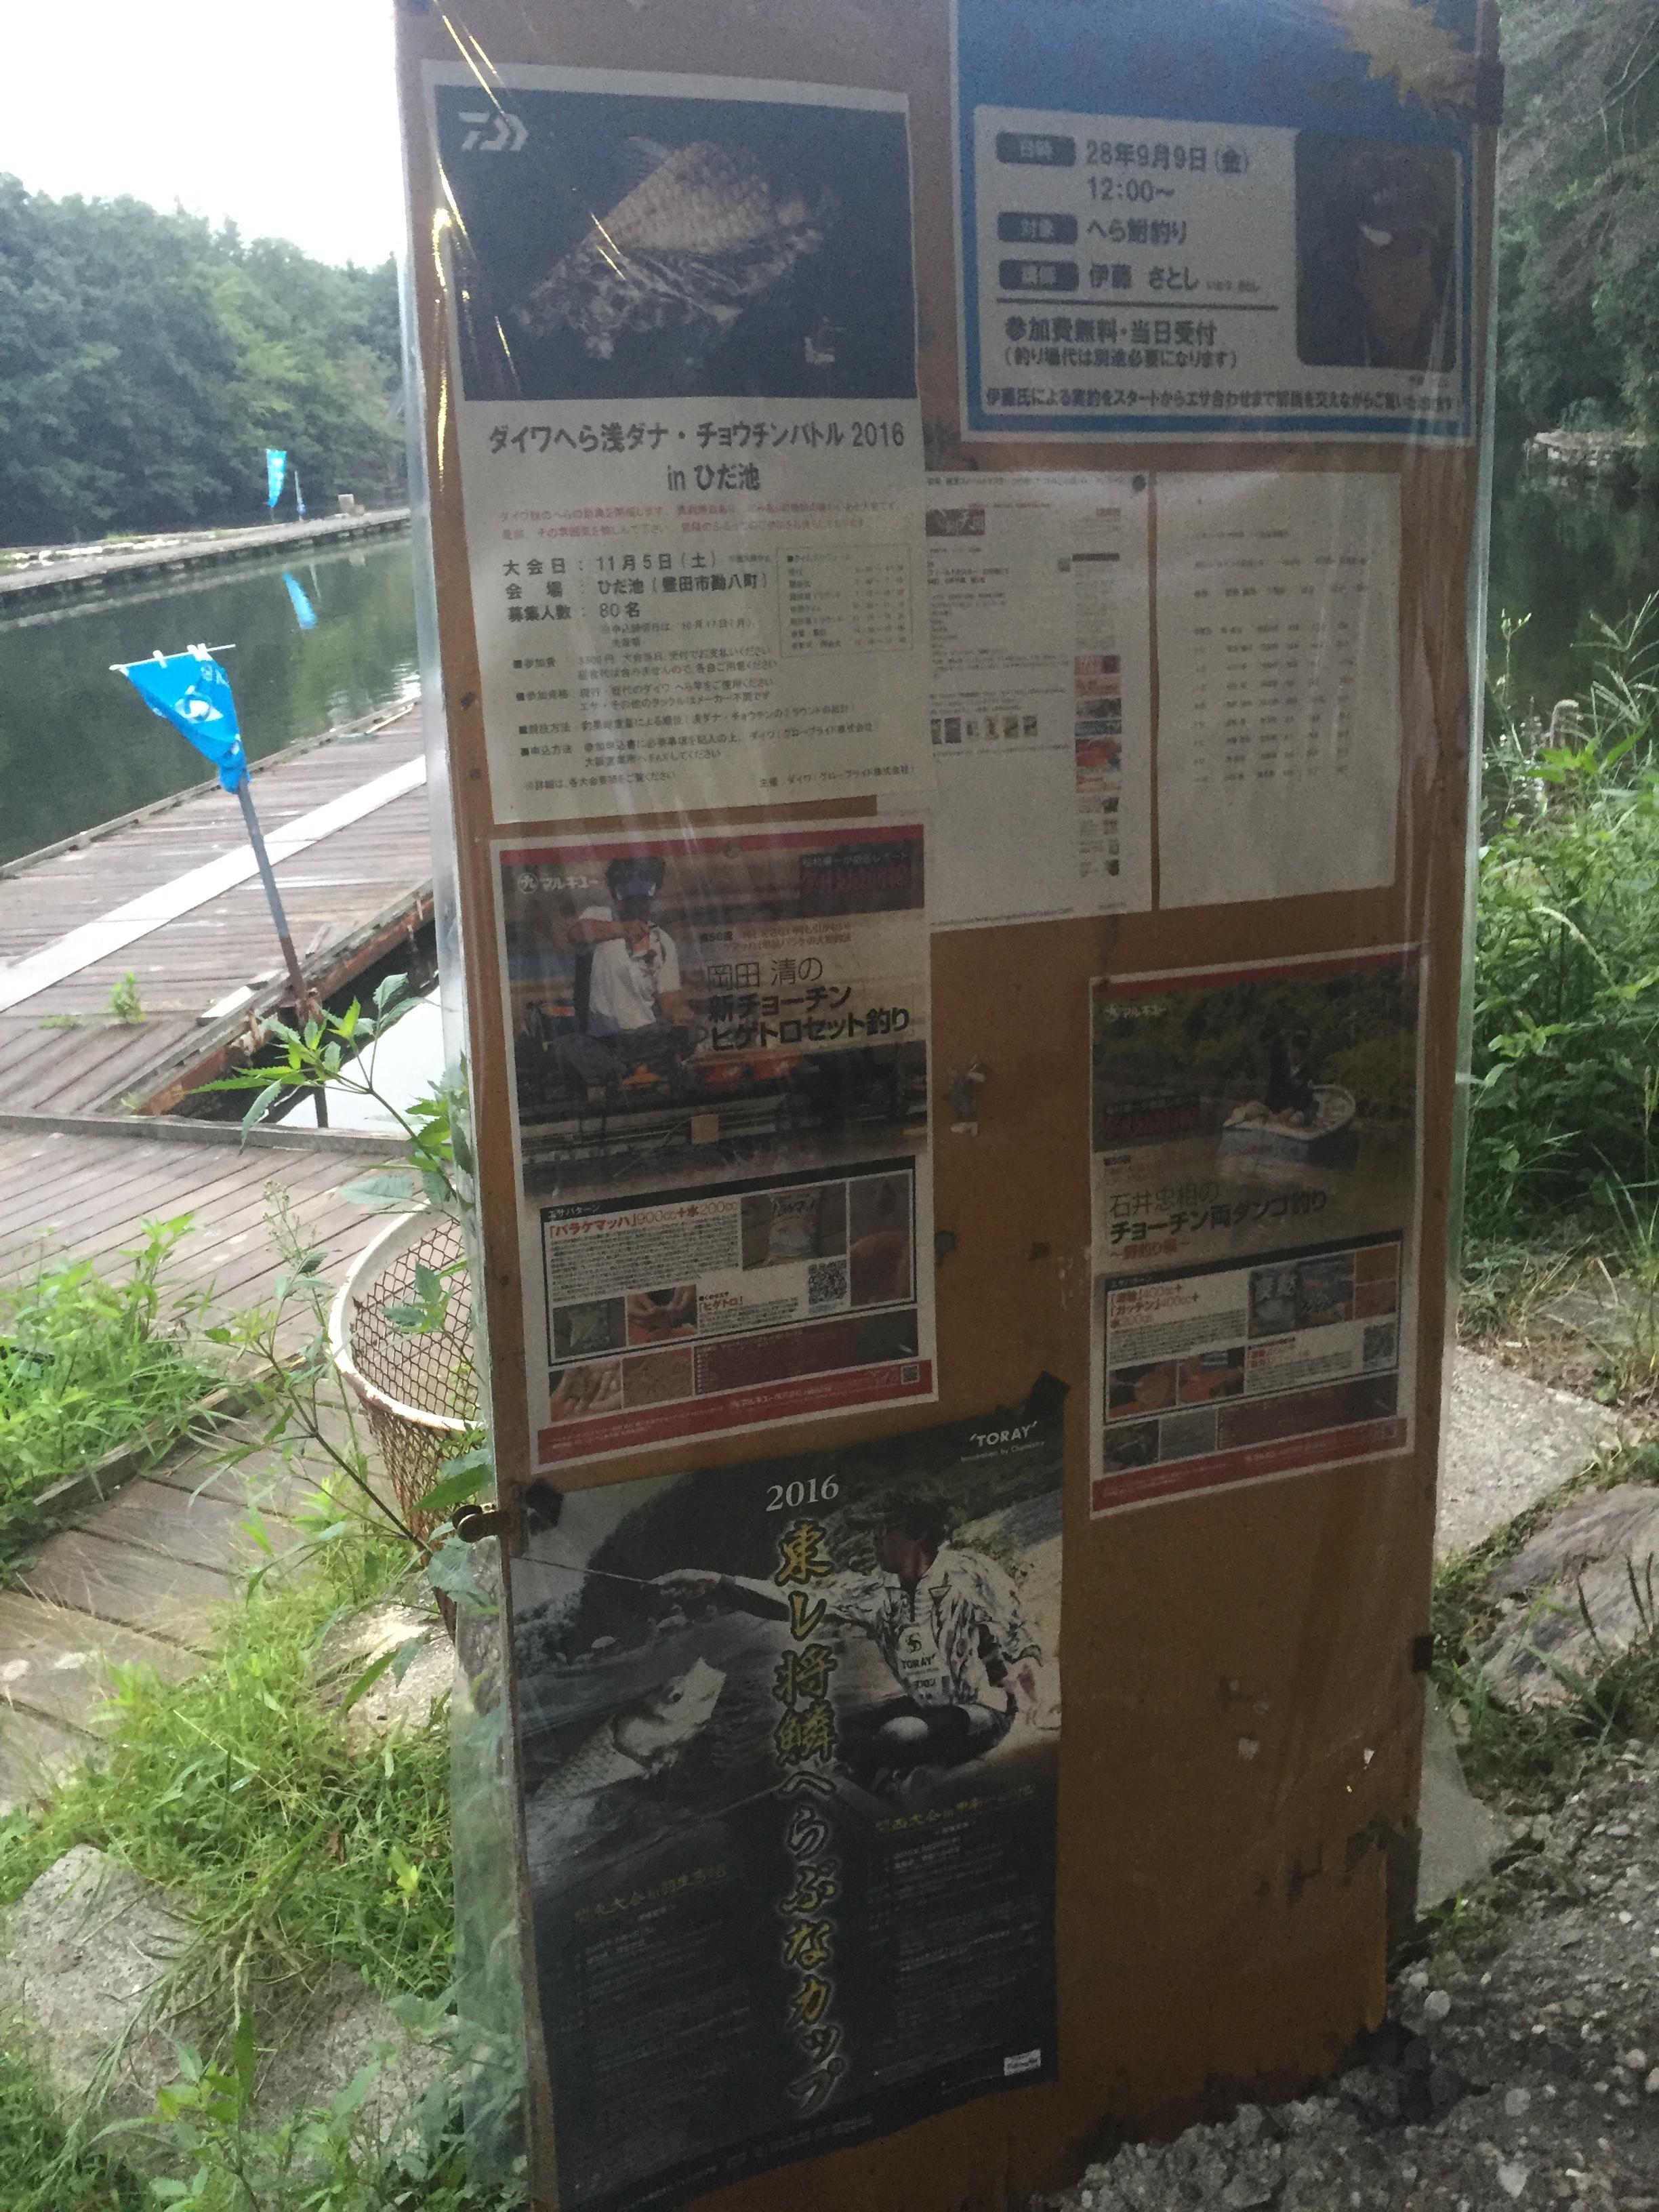 2016年8月27日(土) ひだ池 8月...